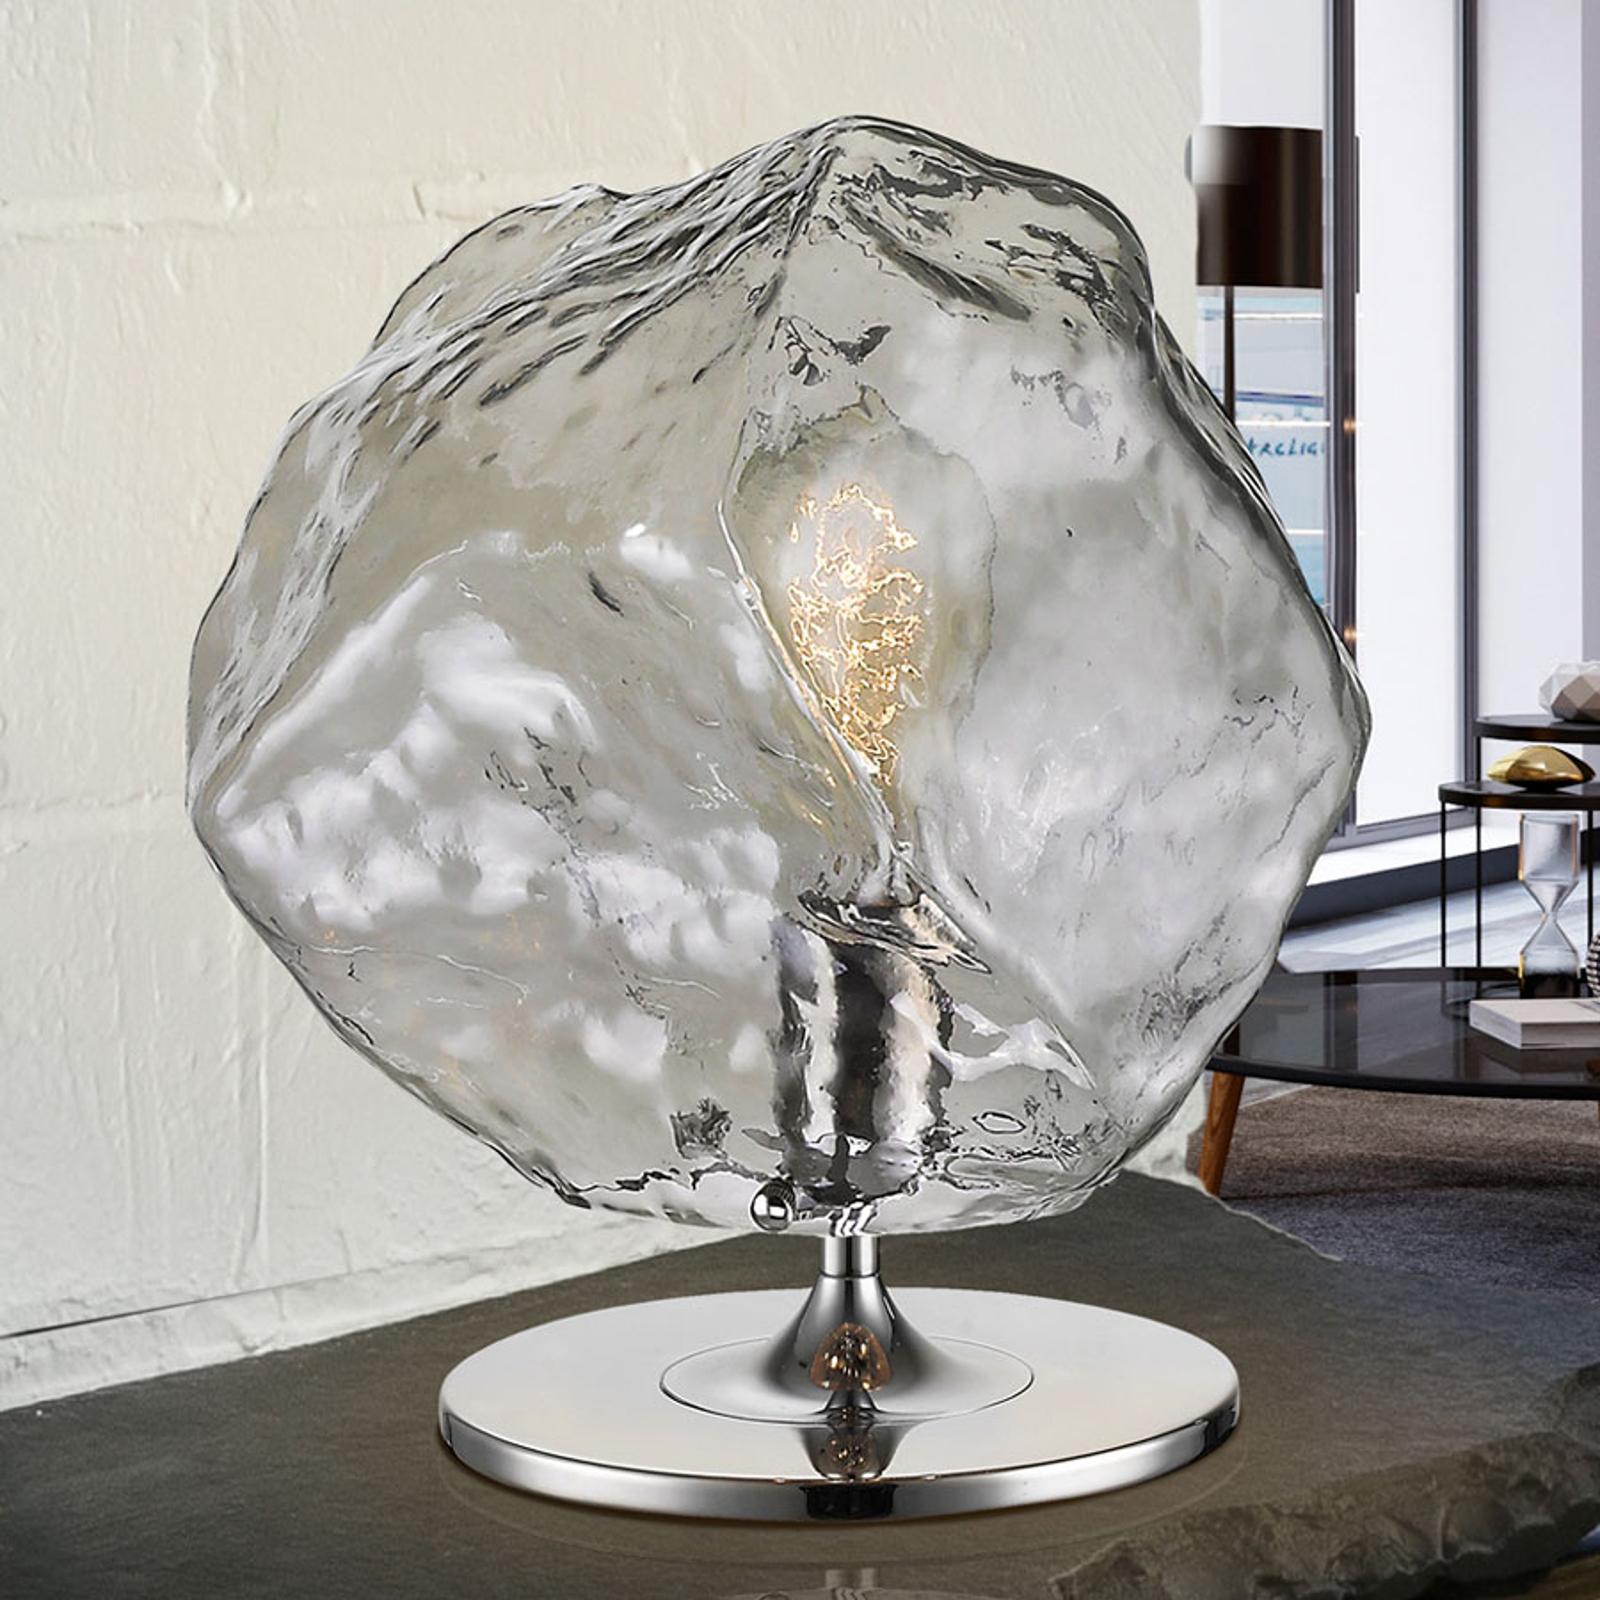 Lampe à poser LED Petro au bel abat-jour en verre